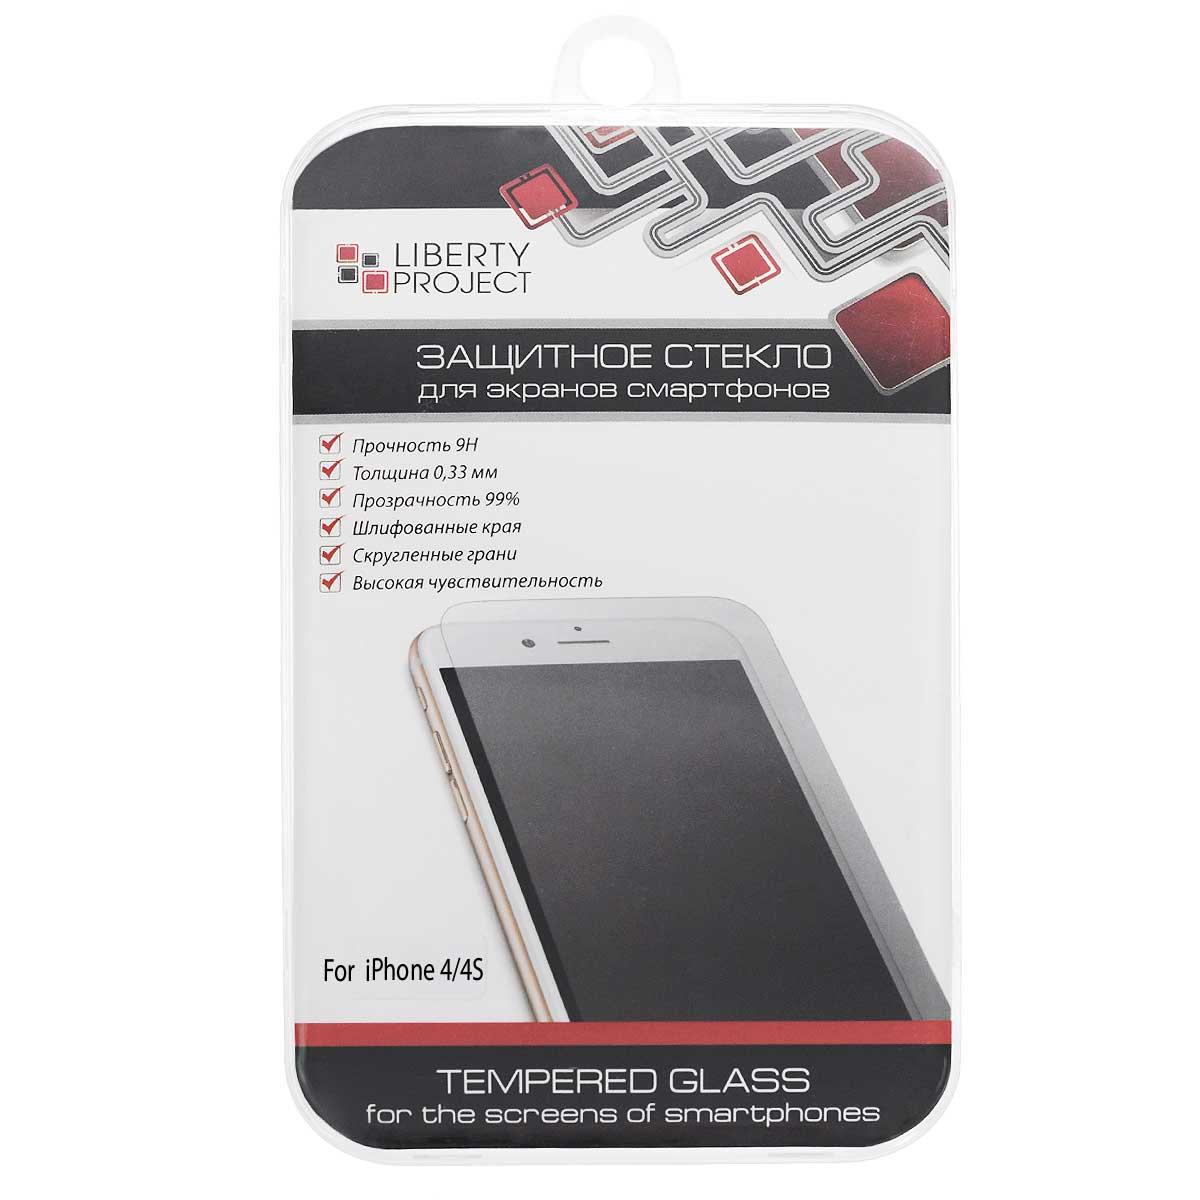 Liberty Project Tempered Glass защитное стекло для iPhone 4/4S, Clear (0,33 мм)CD130065Защитное стекло Liberty Project Tempered Glass для iPhone 4/4S предназначено для защиты поверхности экрана, а также частей корпуса цифрового устройства от царапин, потертостей, отпечатков пальцев и прочих следов механического воздействия.